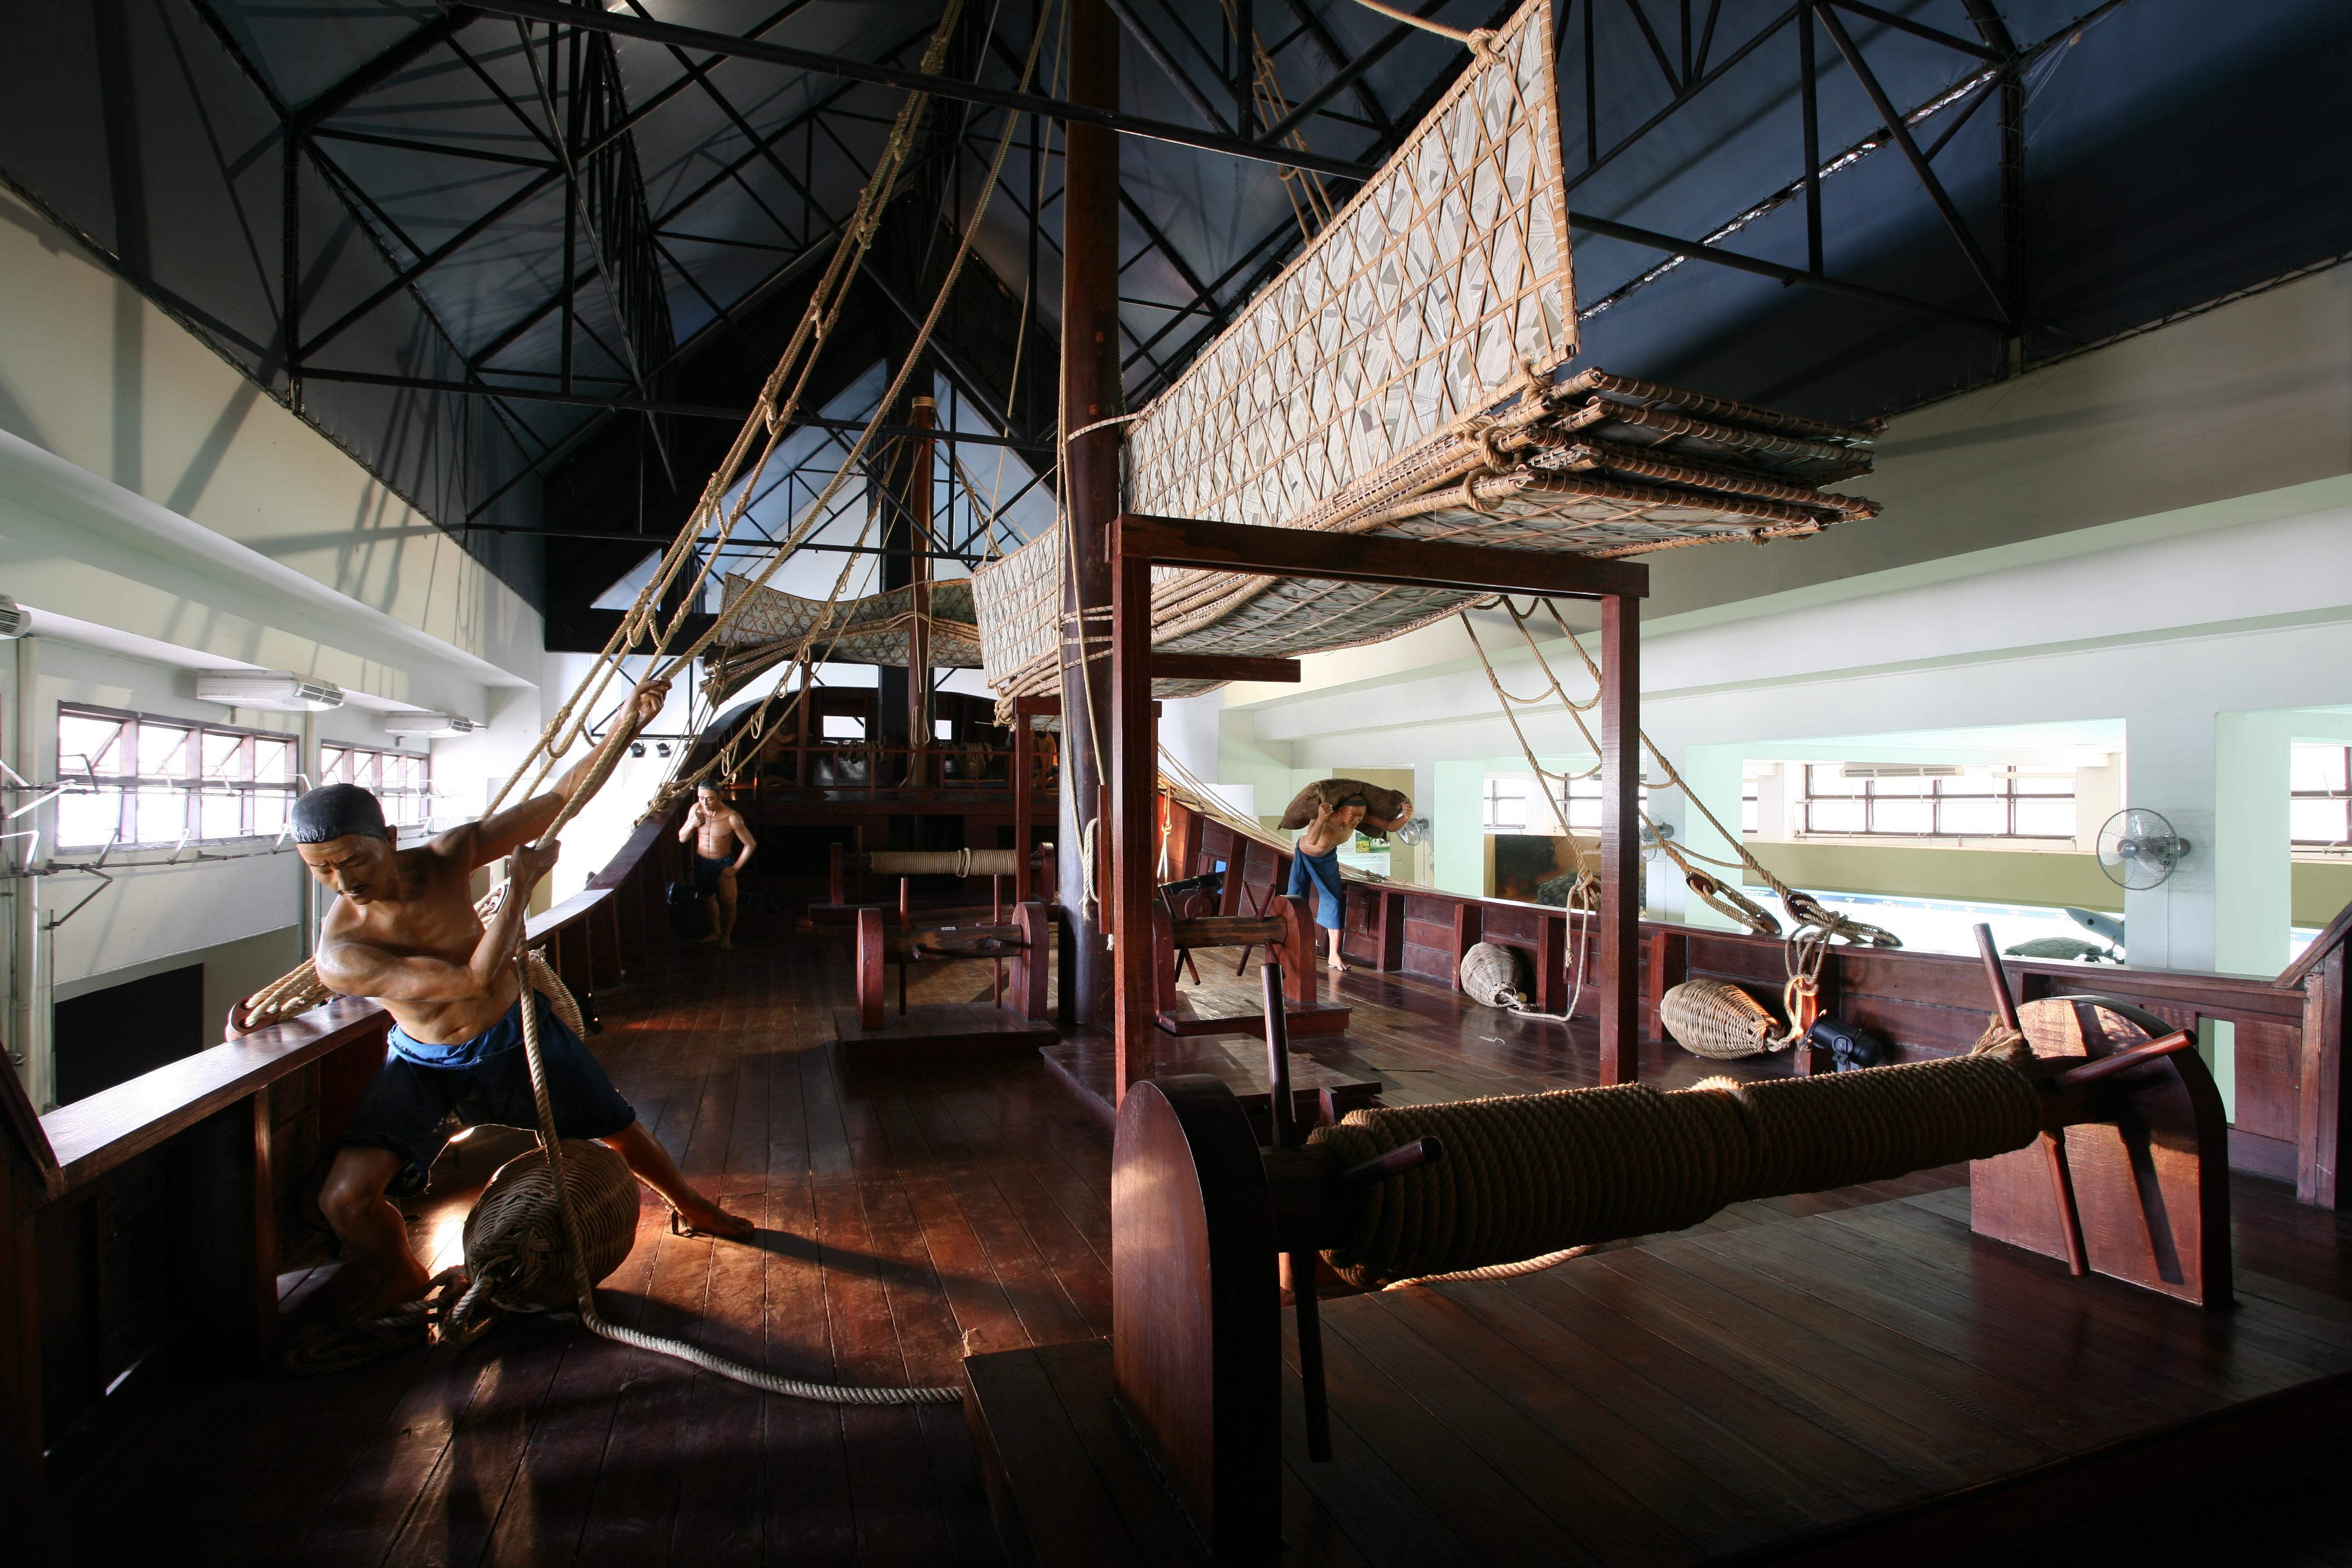 พิพิทธภัณฑ์พานิชย์นาวี, เขาคิชฌกูฏ, พิพิทธภัณฑ์, เรือสำเภาจำลอง